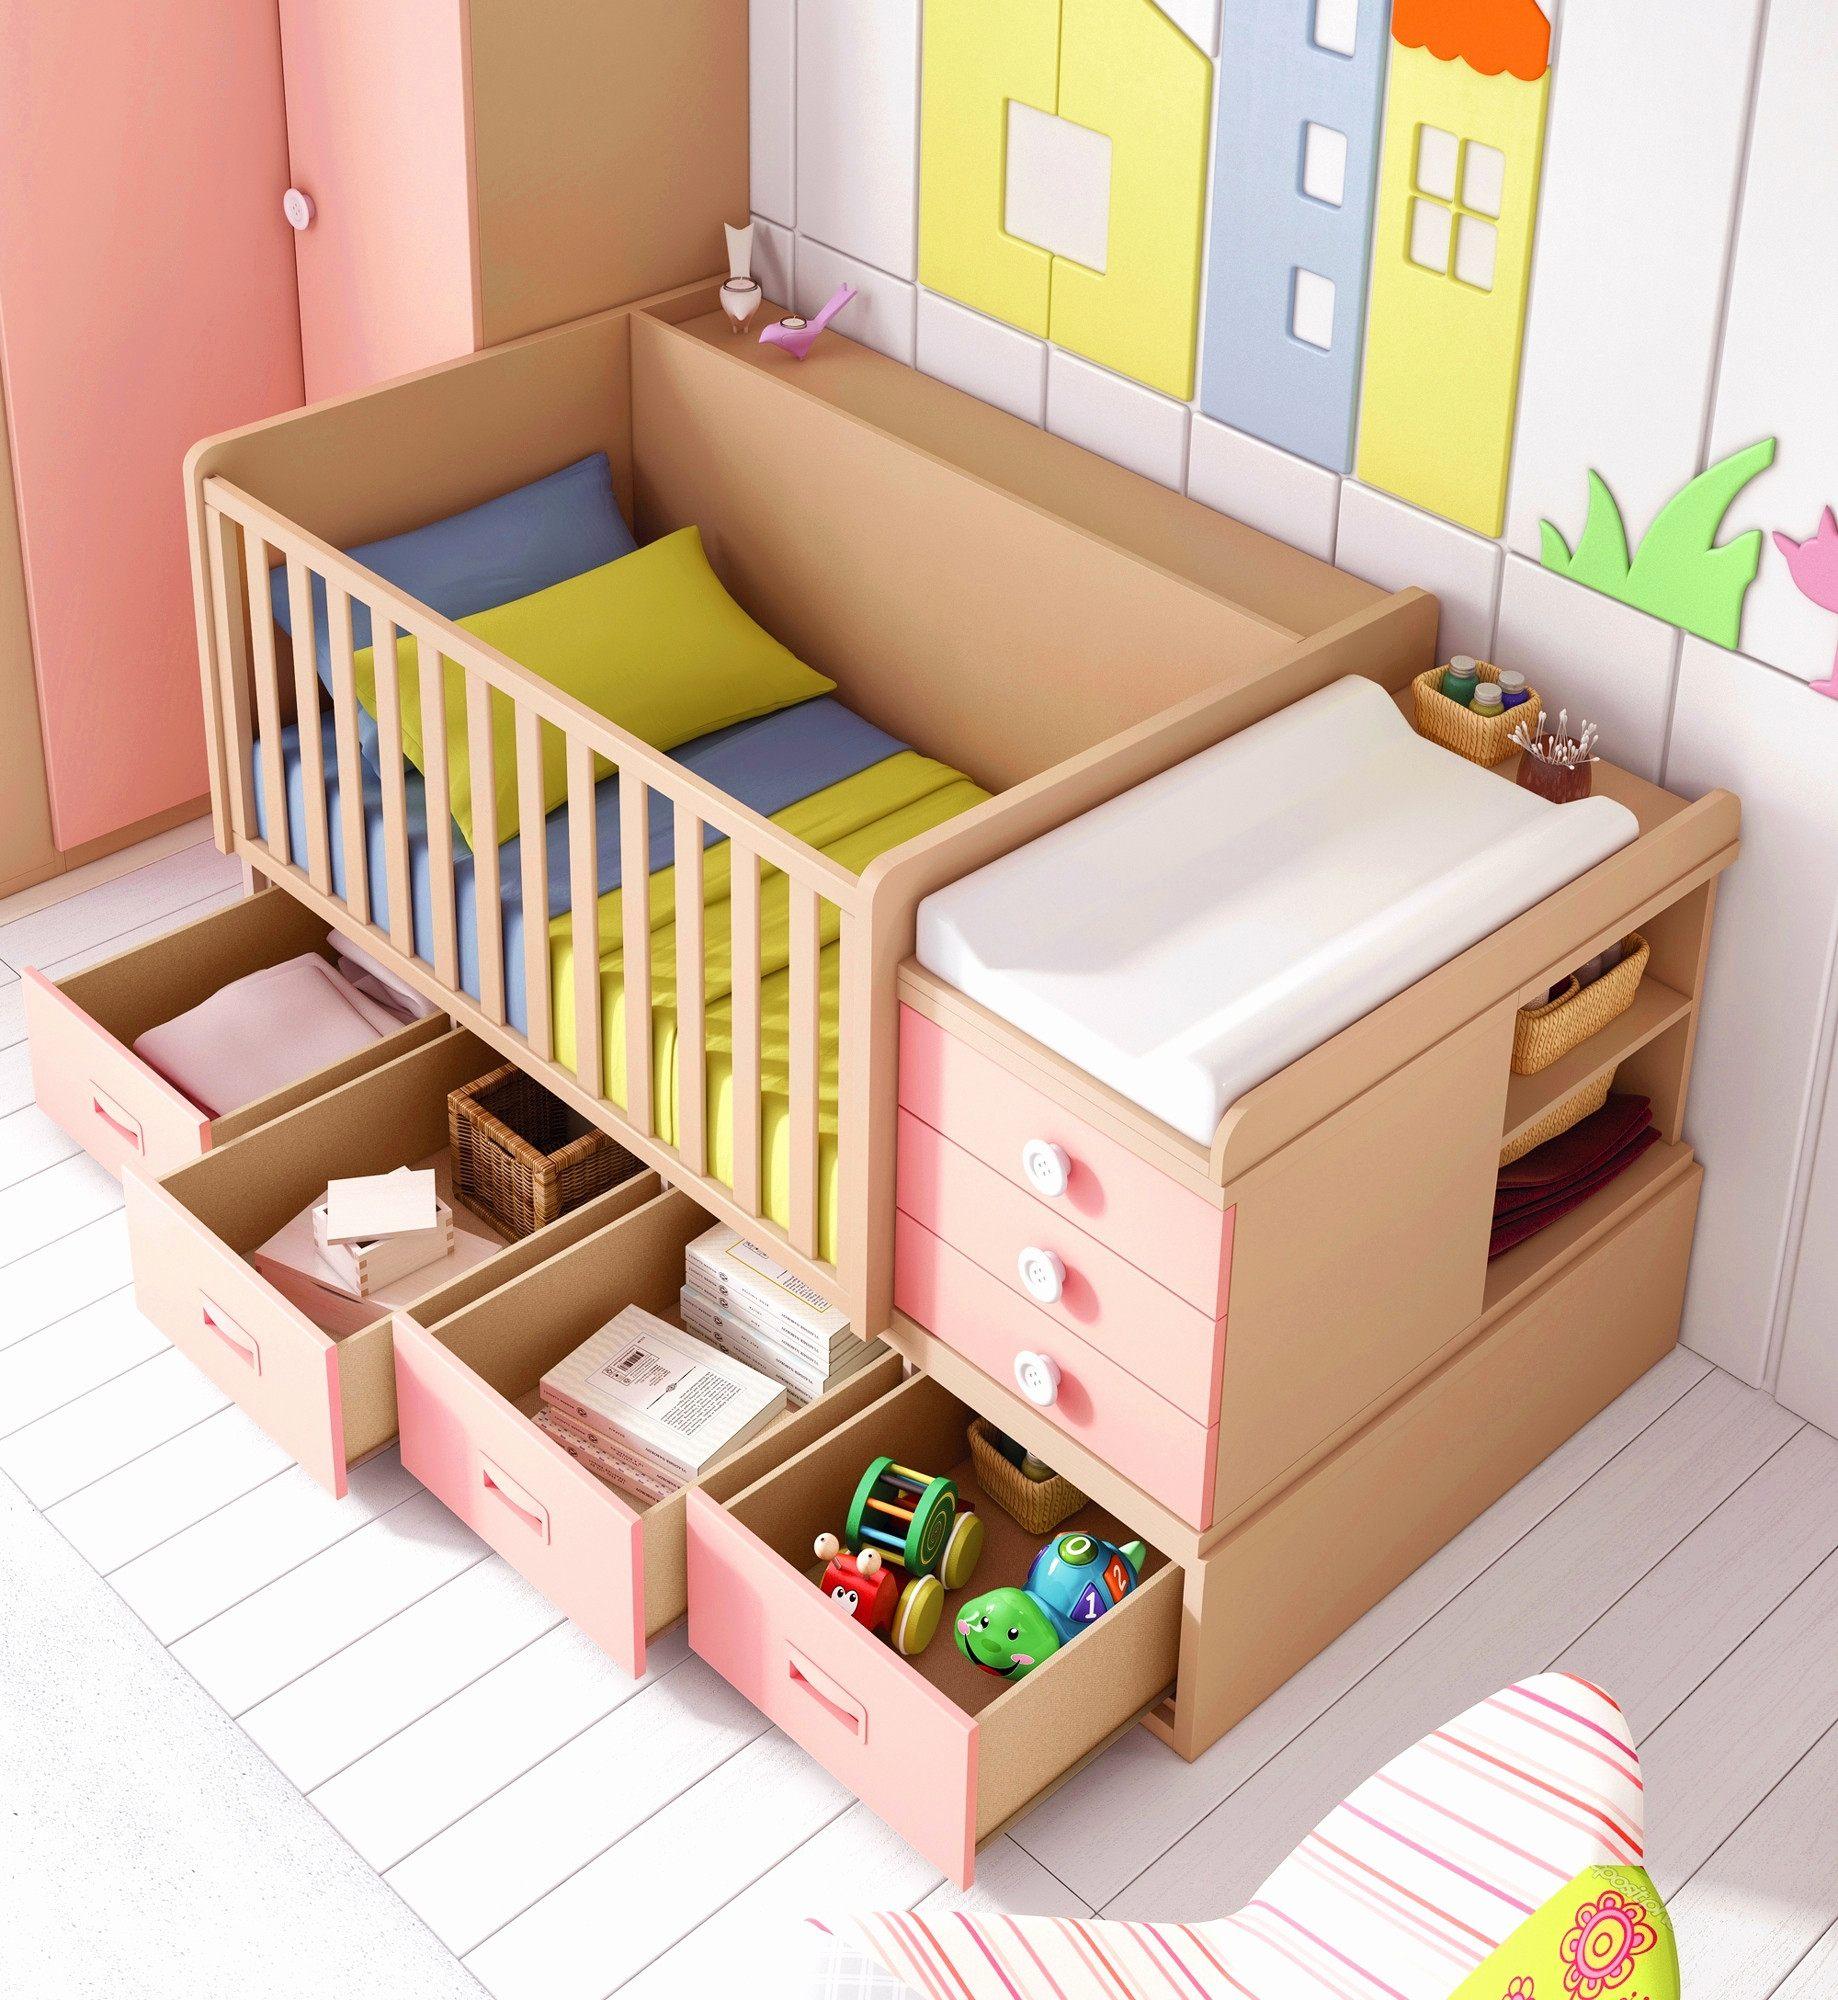 Lit Au sol Pour Bébé Meilleur De Meilleur Lit Pour Bébé Support Pour Baignoire Bébé Elegant Mode Bébé